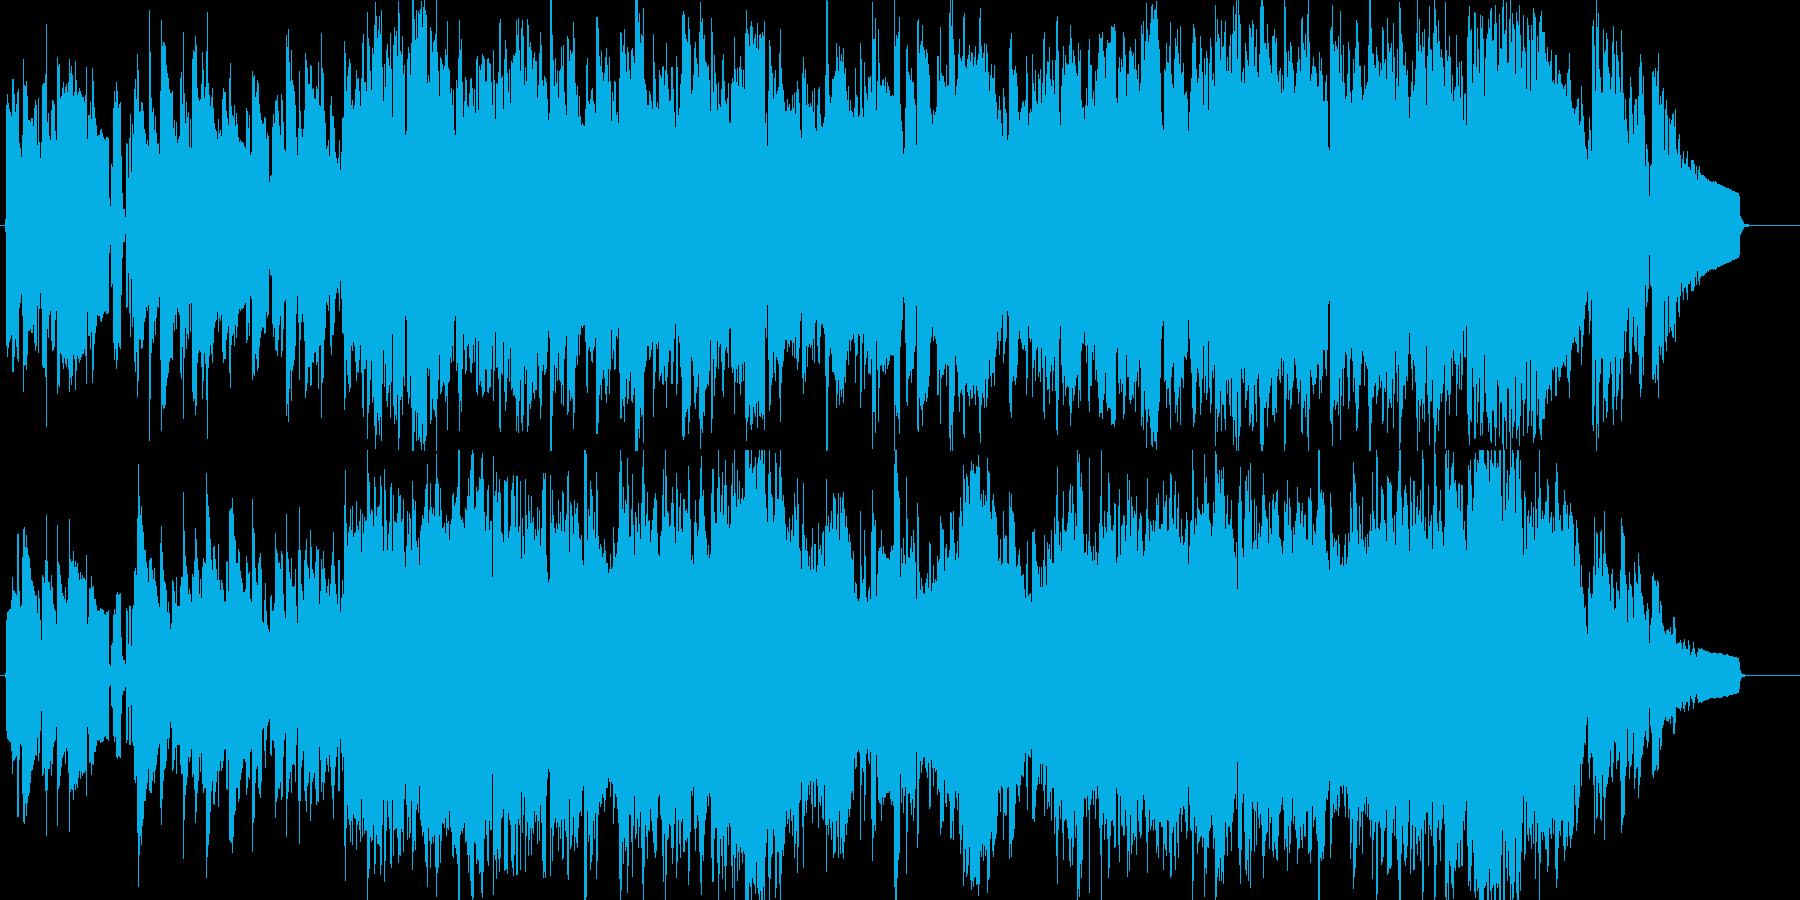 しっとり感動的エンディングシーンの劇伴の再生済みの波形